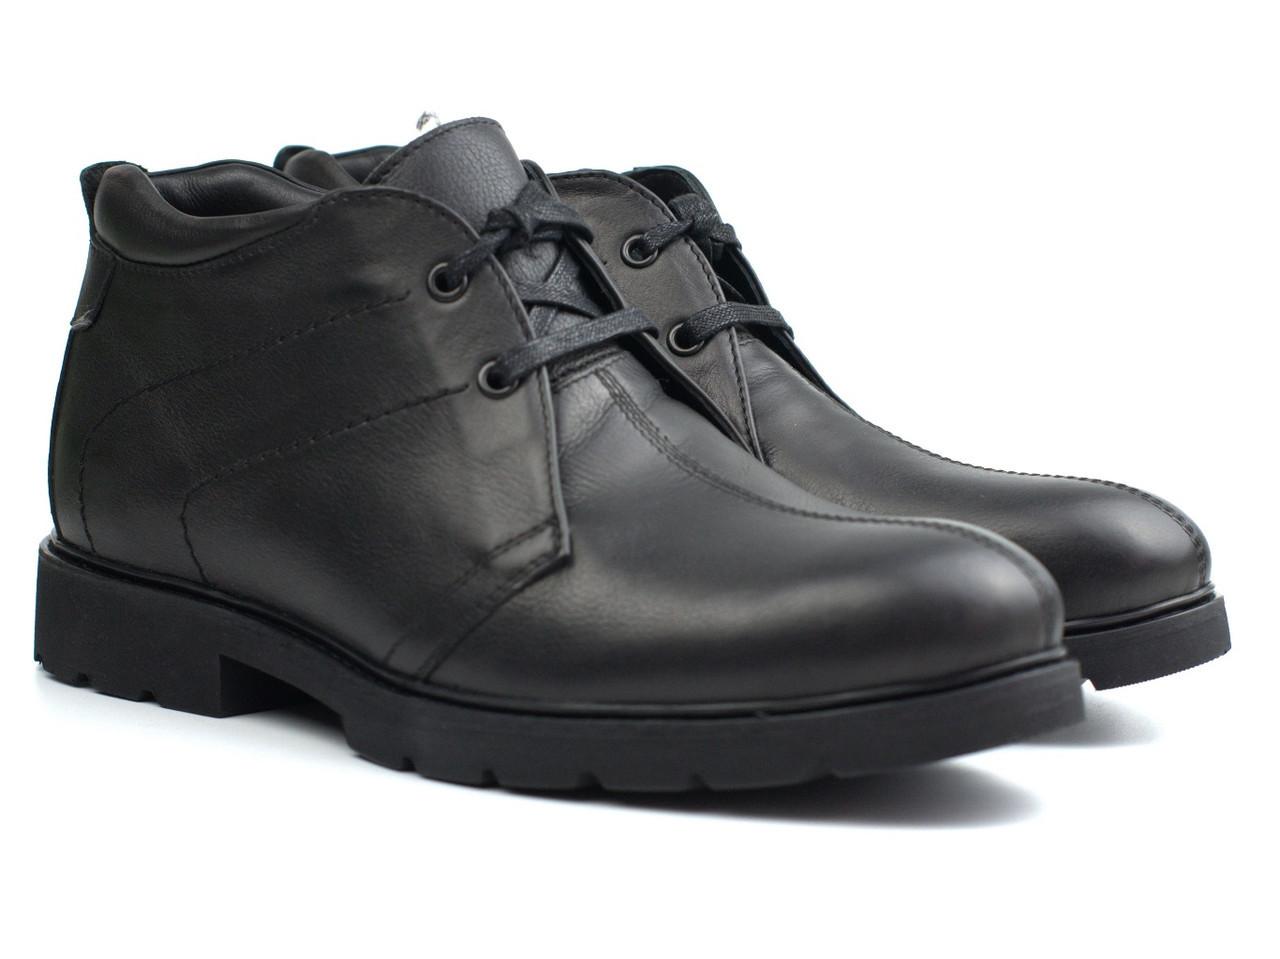 Распродажа последний 42 размер зимние ботинки кожаные черные дезерты мужская обувь на меху Rosso Avangard